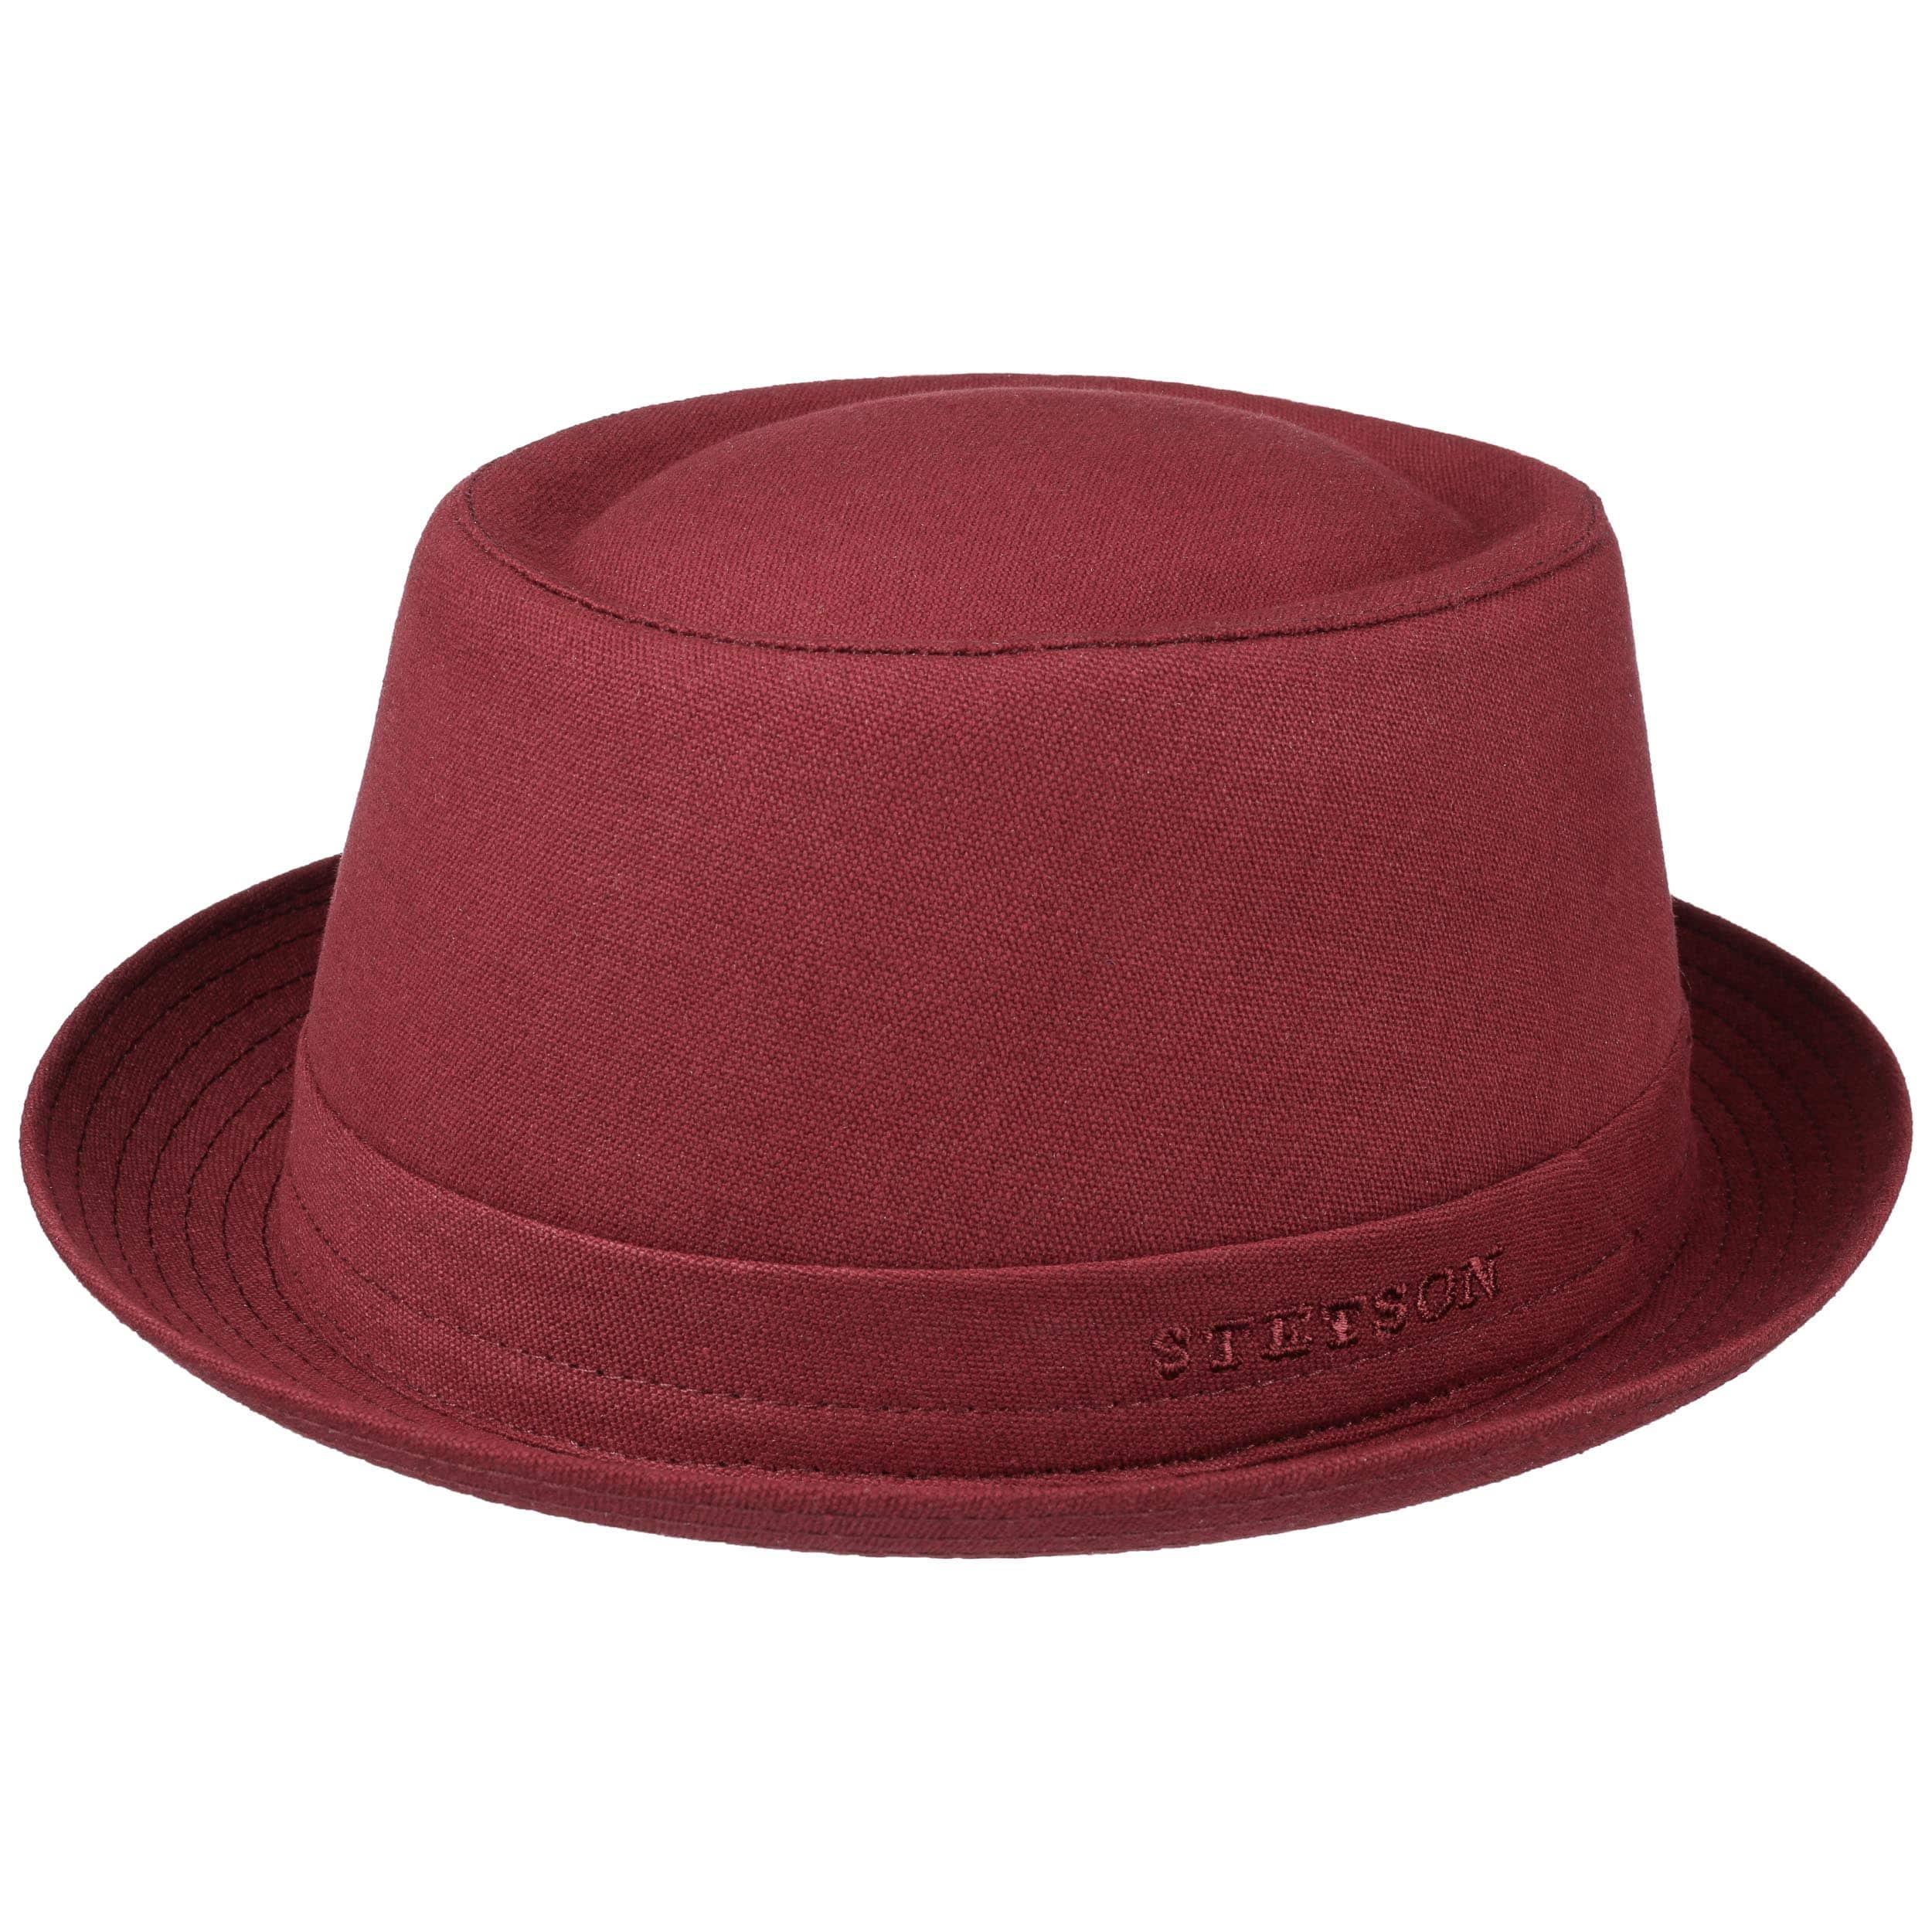 ... Athens Cotton Pork Pie Hat by Stetson - dark red 4 ... 24220c8da0e